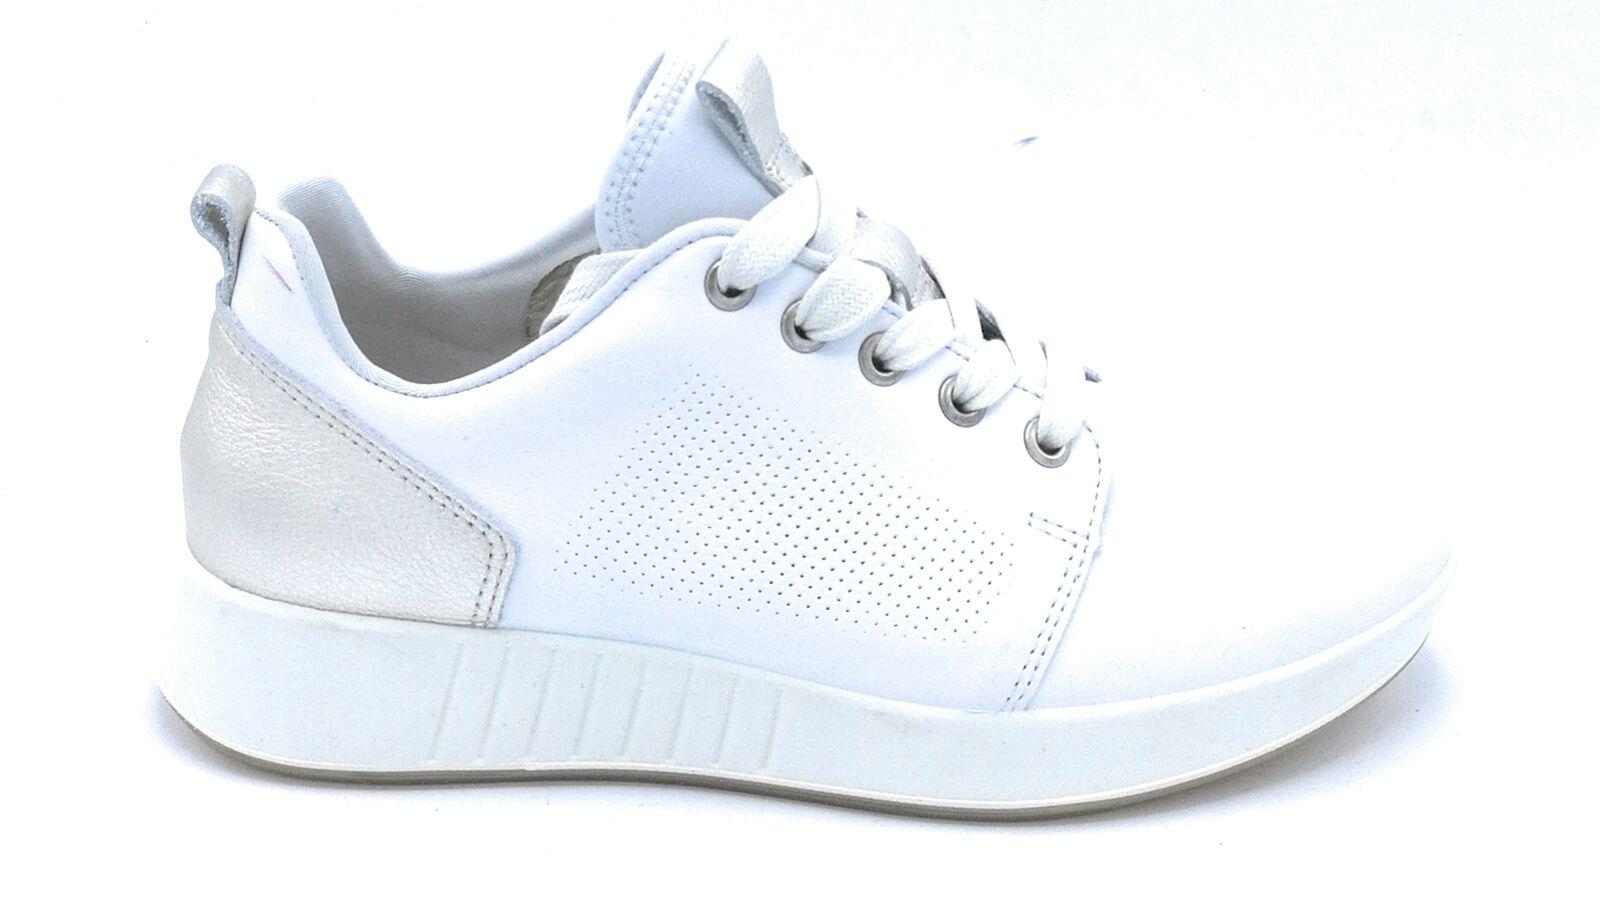 Legero 923-10 Sportschuhe Schnürsenkel Leder Weiß Mikroperforiert